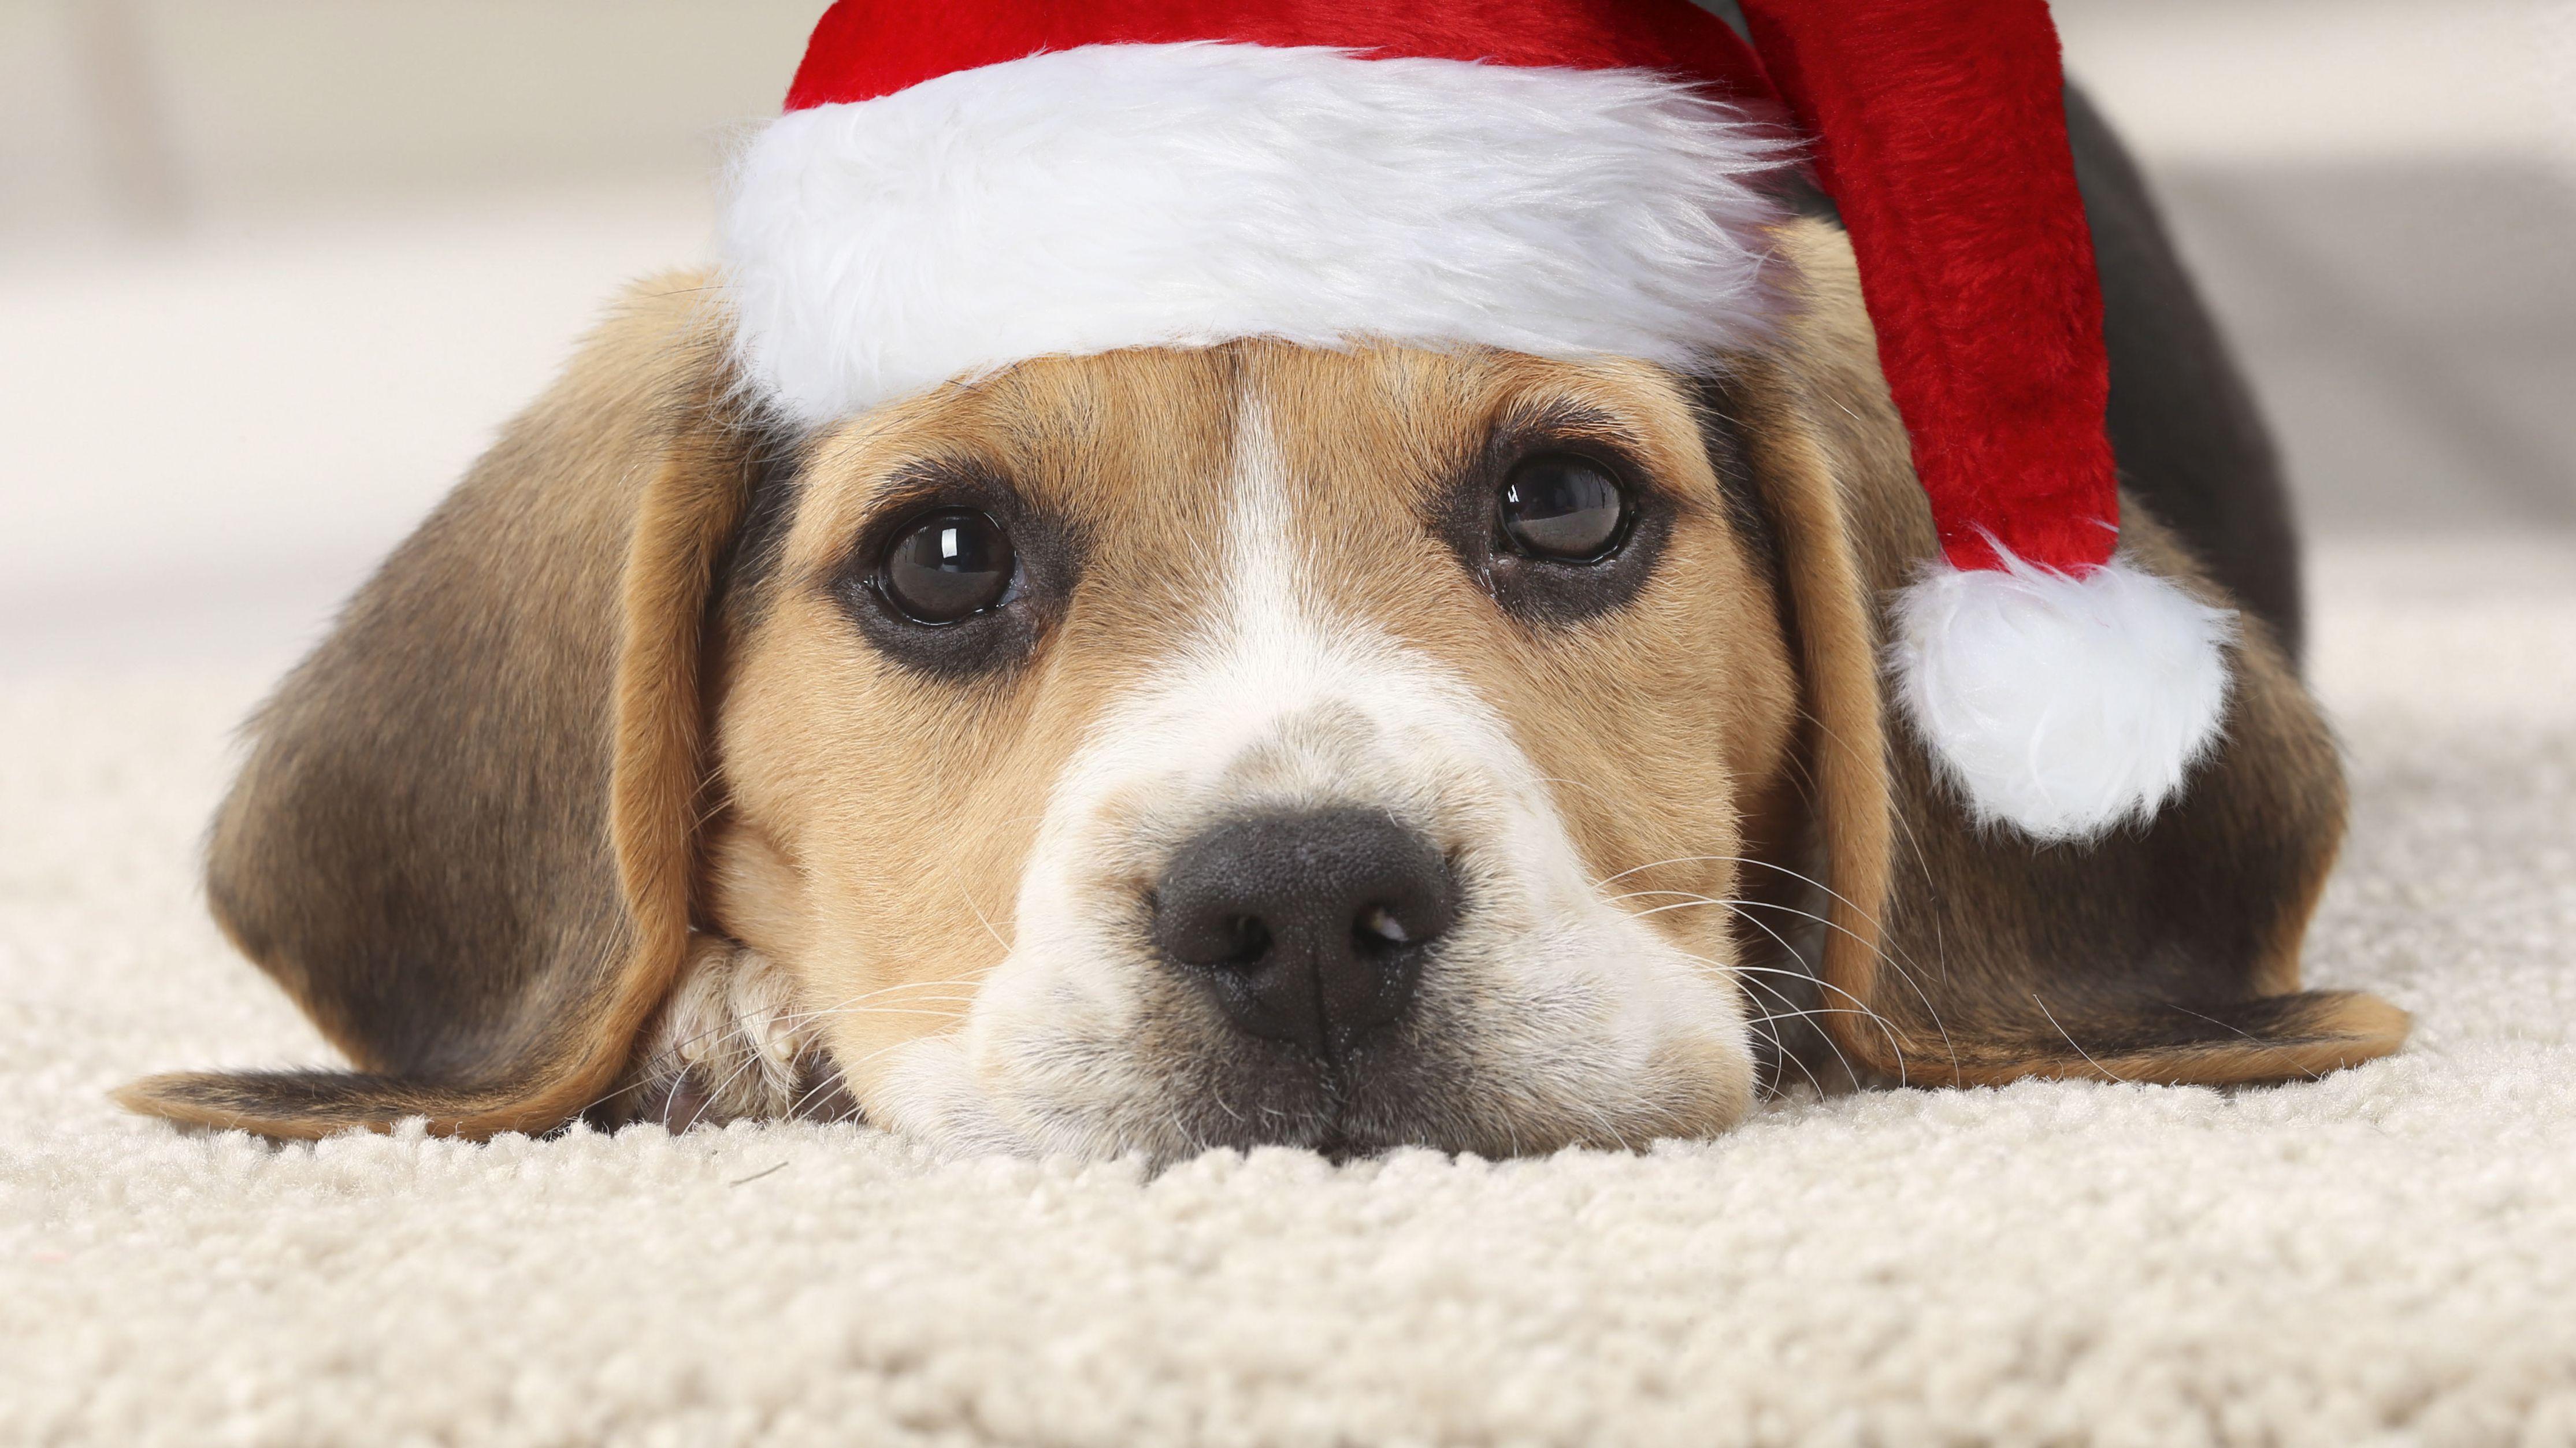 Hund mit Nikolausmütze liegt auf dem Teppich